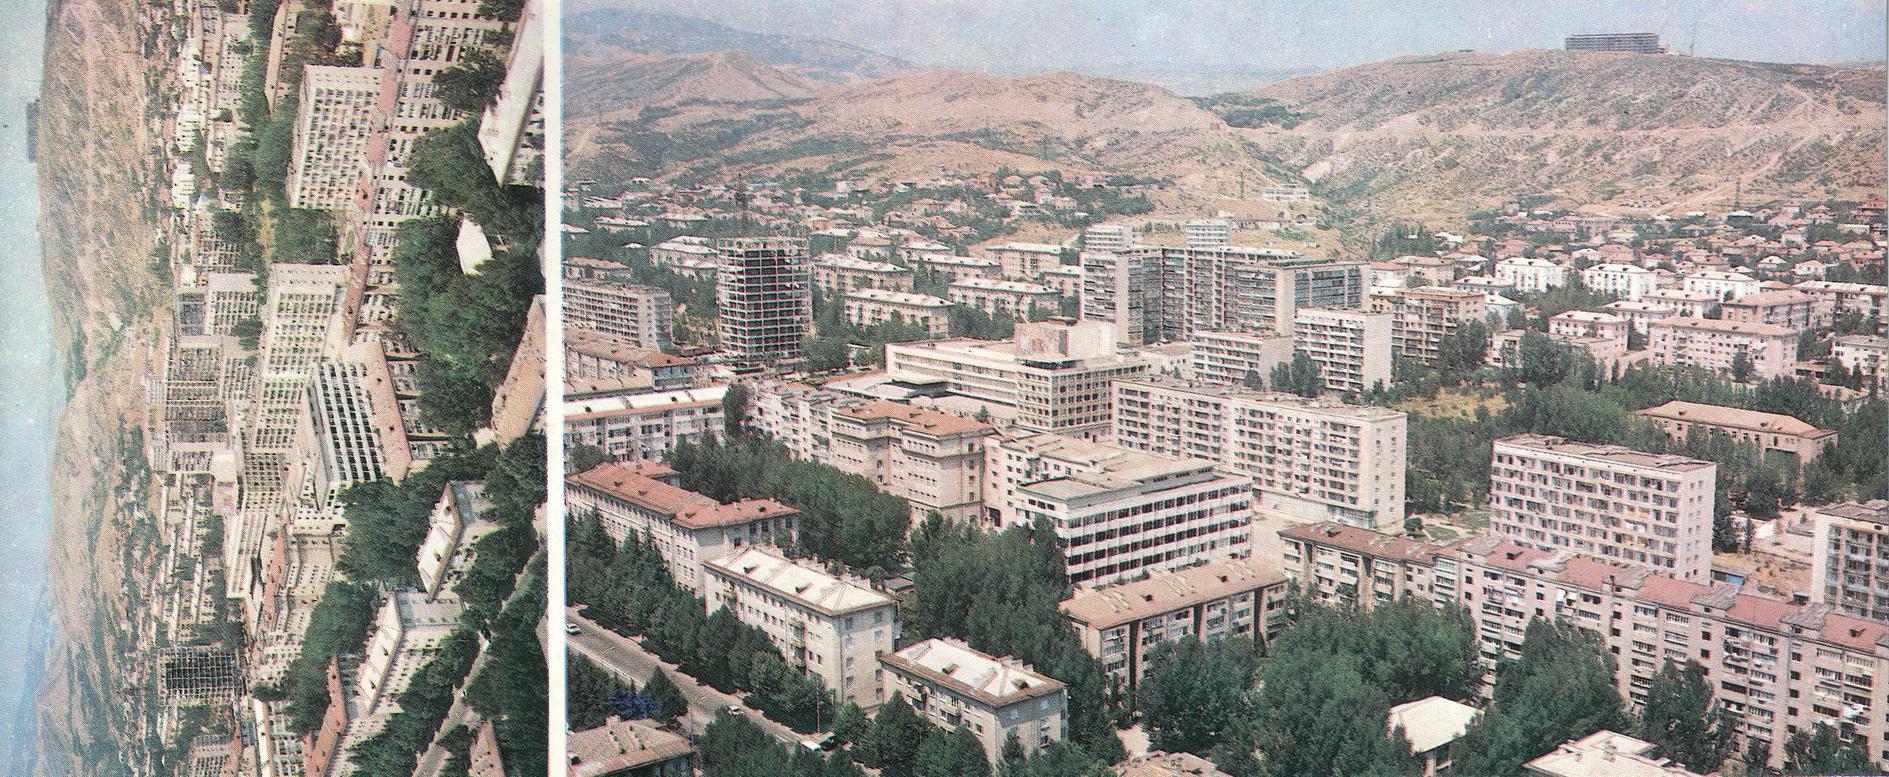 Tbilisi - Zhiloy massiv_resize